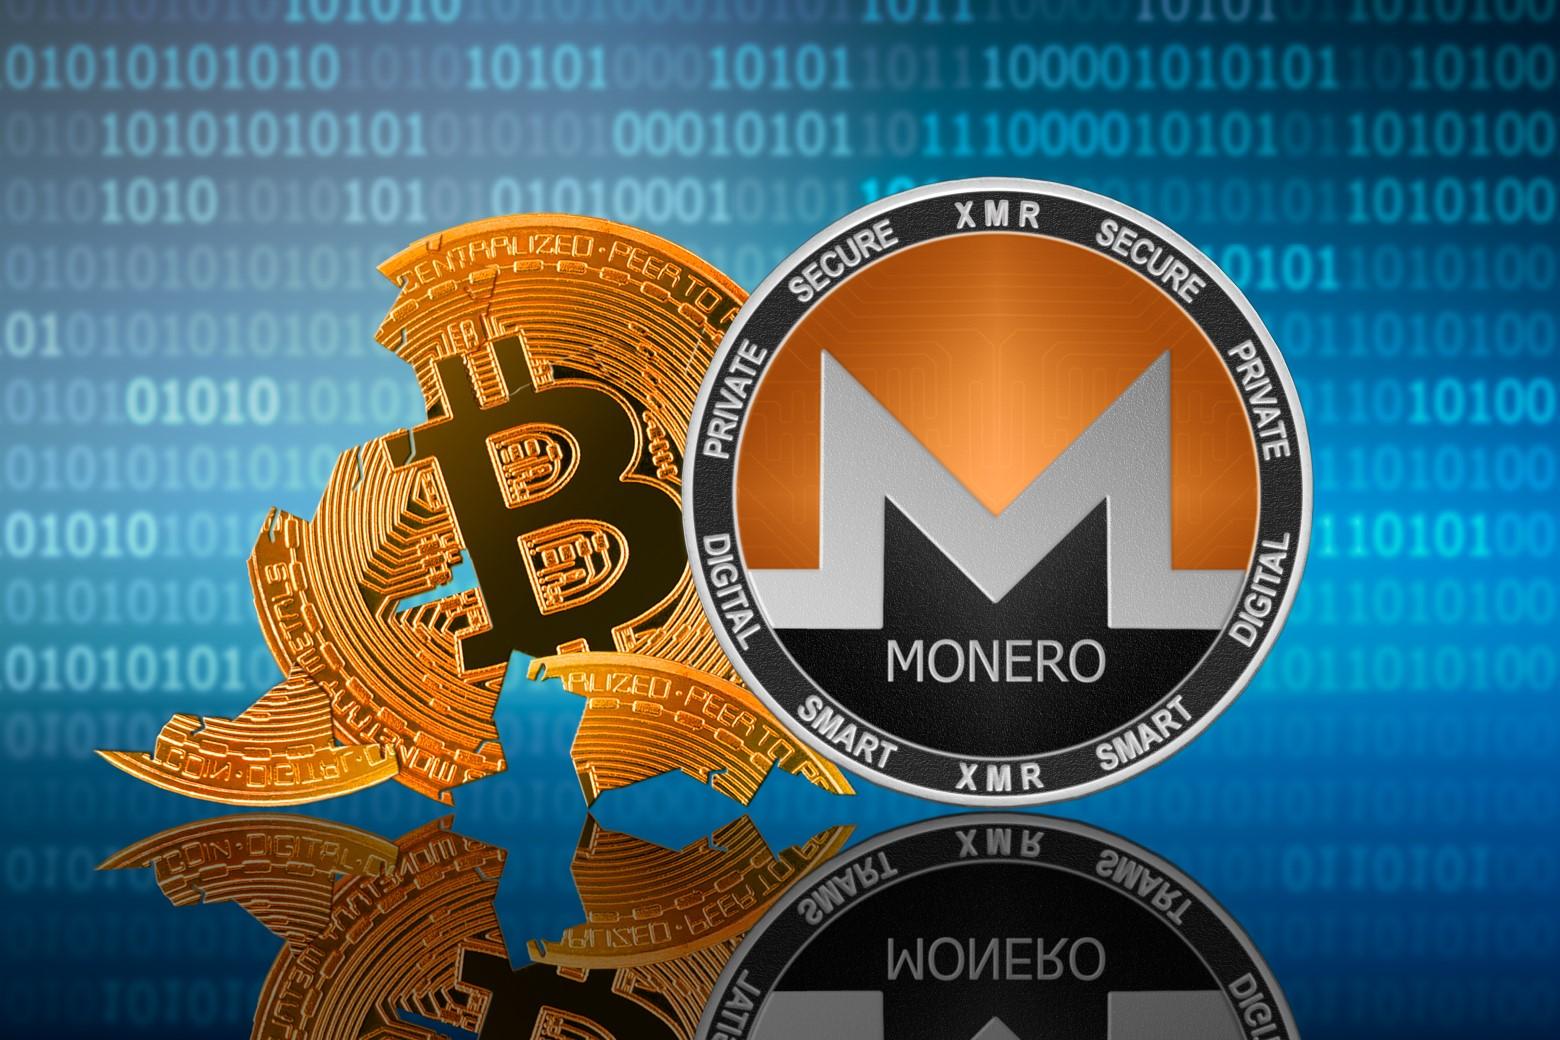 """Kotiravimas, """"Monero"""" vertė šiandien ir XMR kainų diagramos"""